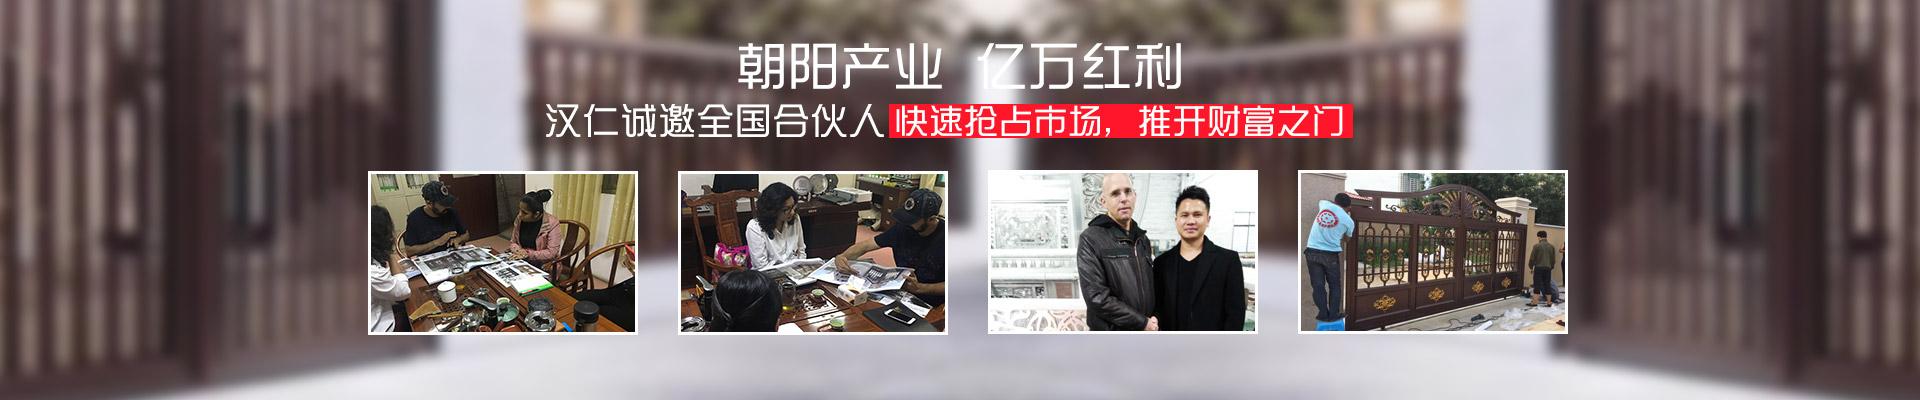 朝阳产业,亿万红利 汉仁诚邀全国合伙人 快速抢占市场,推开财富之门